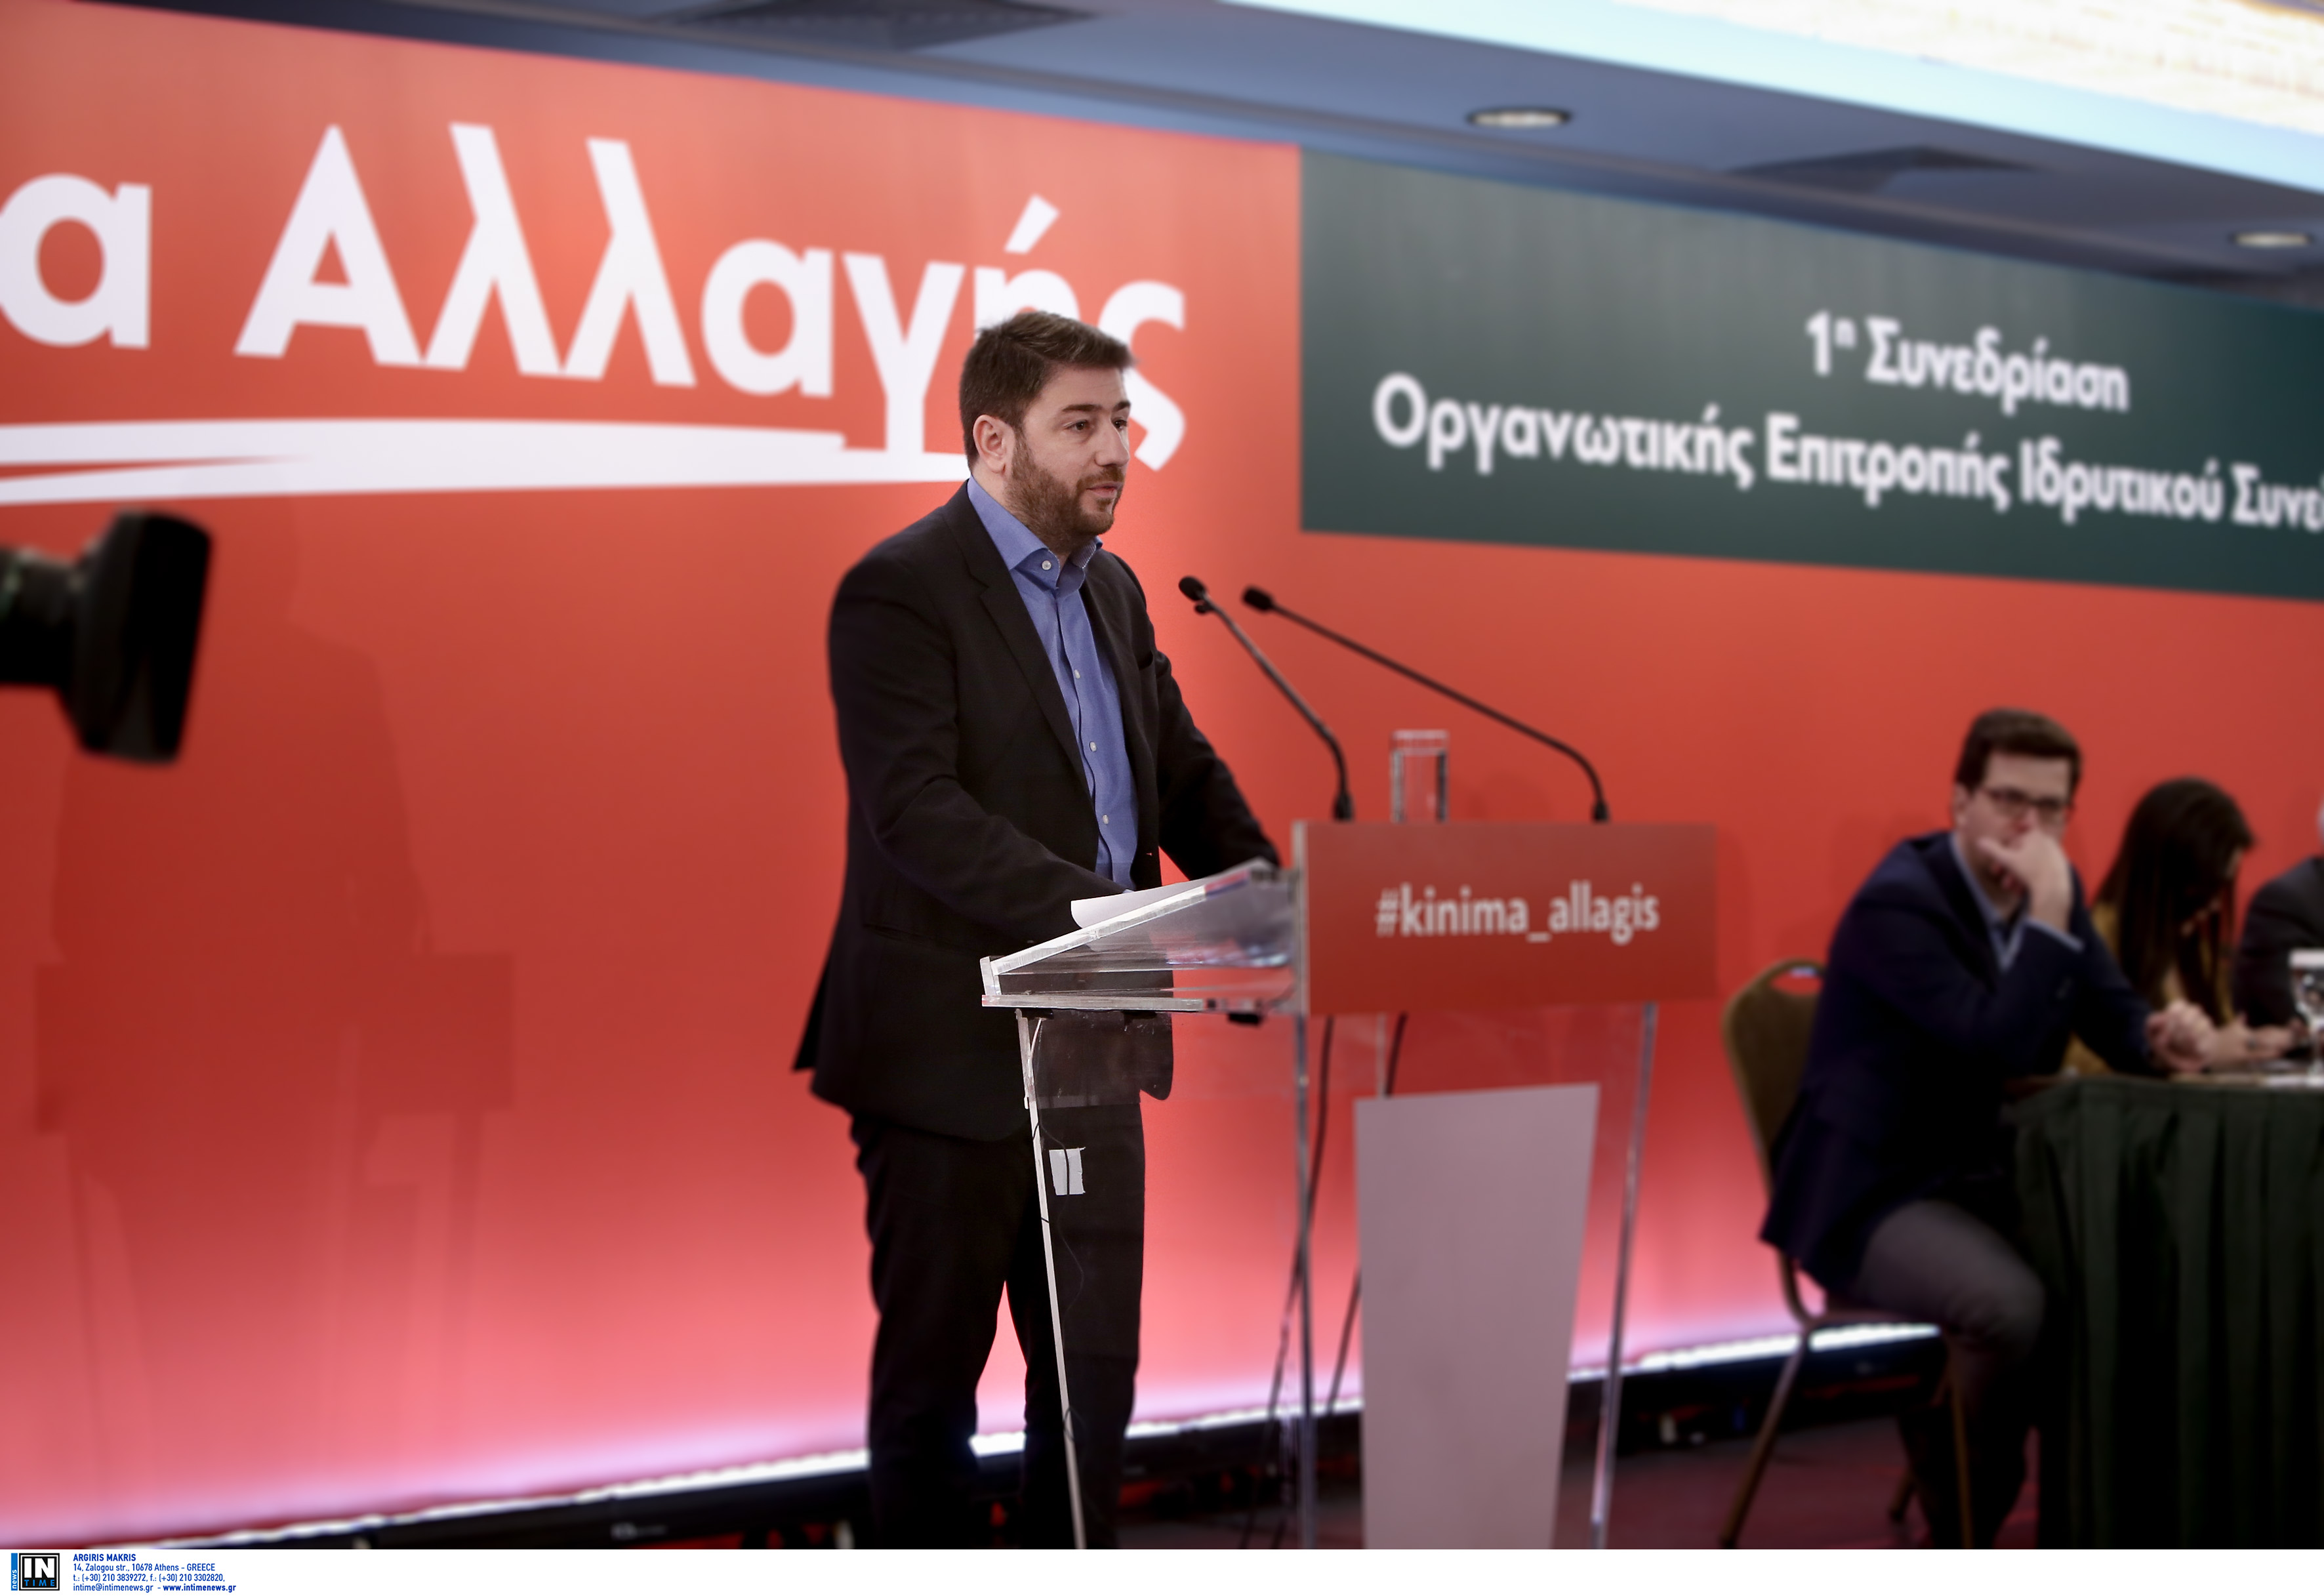 Ν. Ανδρουλάκης: Επίθεση σε κυβέρνηση και ΝΔ για το Σκοπιανό | tovima.gr